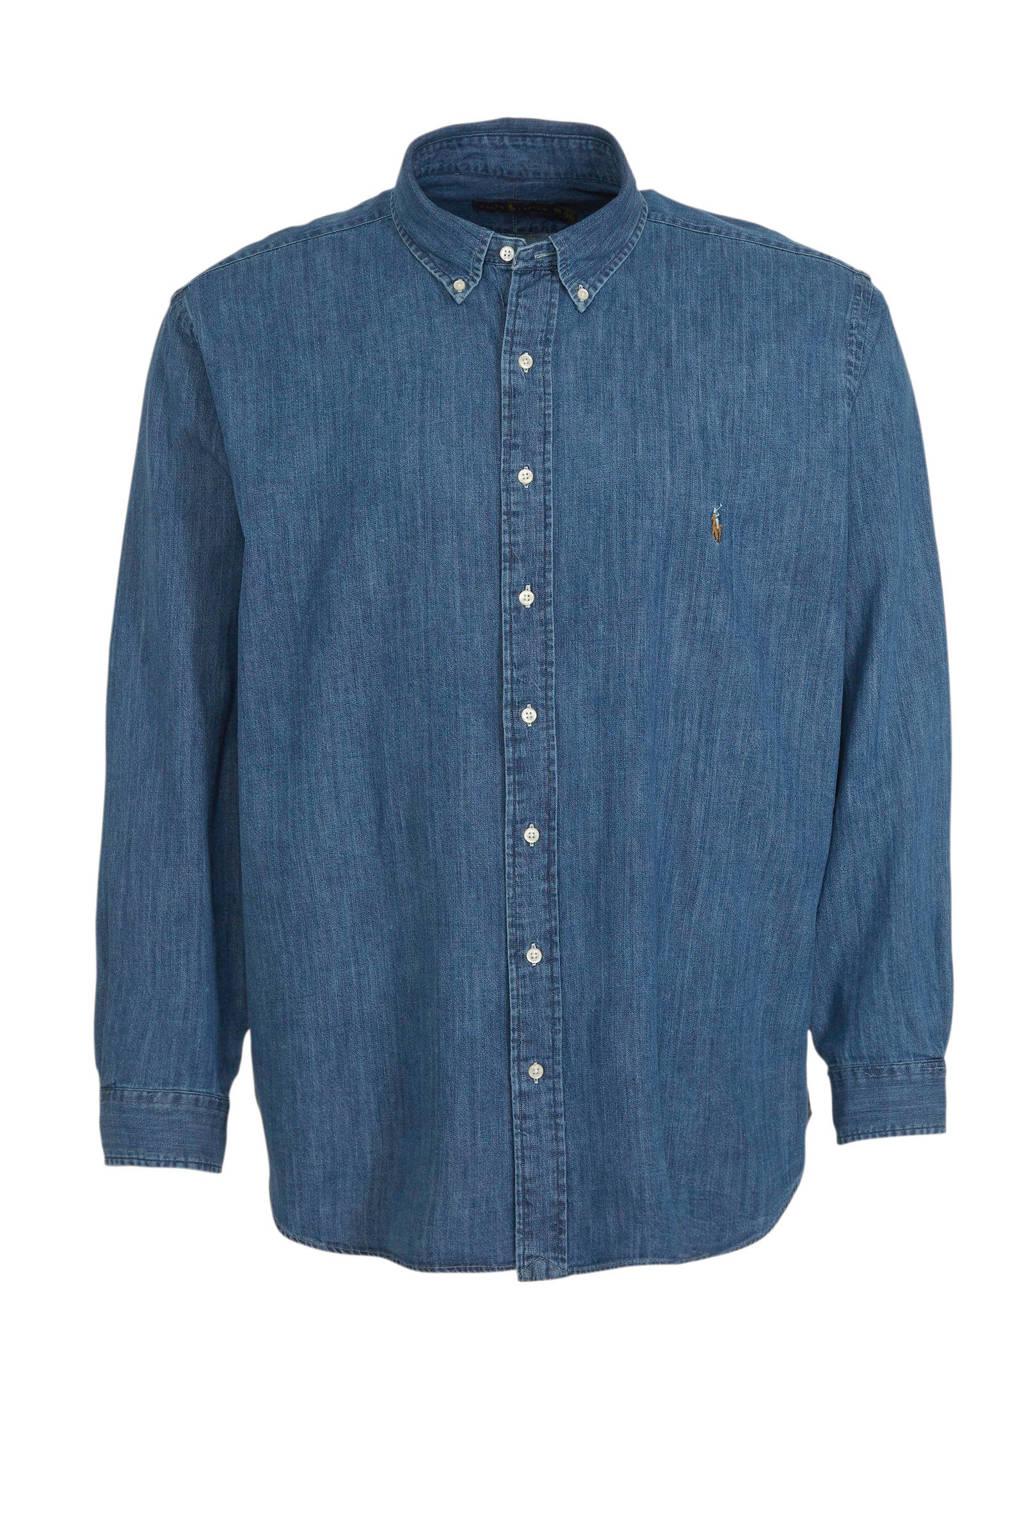 POLO Ralph Lauren Big & Tall +size regular fit overhemd blauw, Blauw